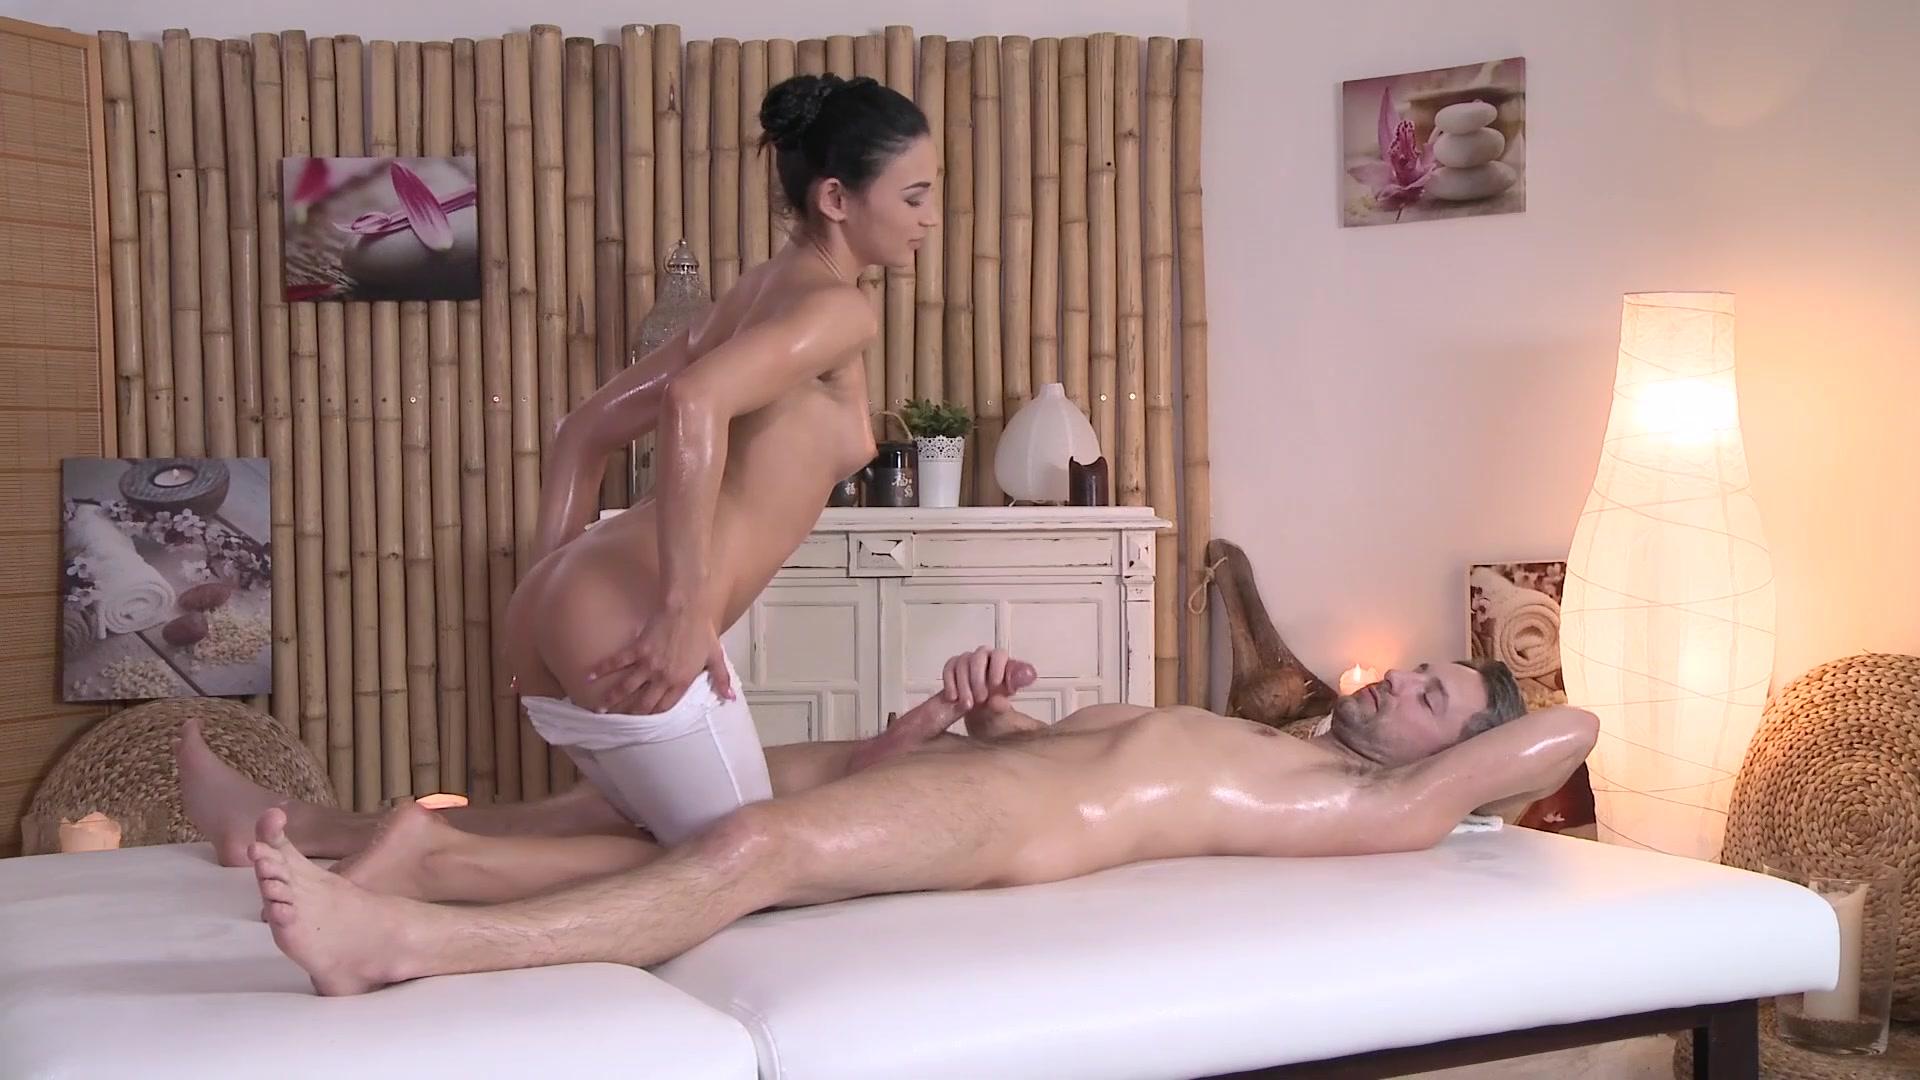 svoyu-nachalnitsu-massazhistka-trahaet-svoego-klienta